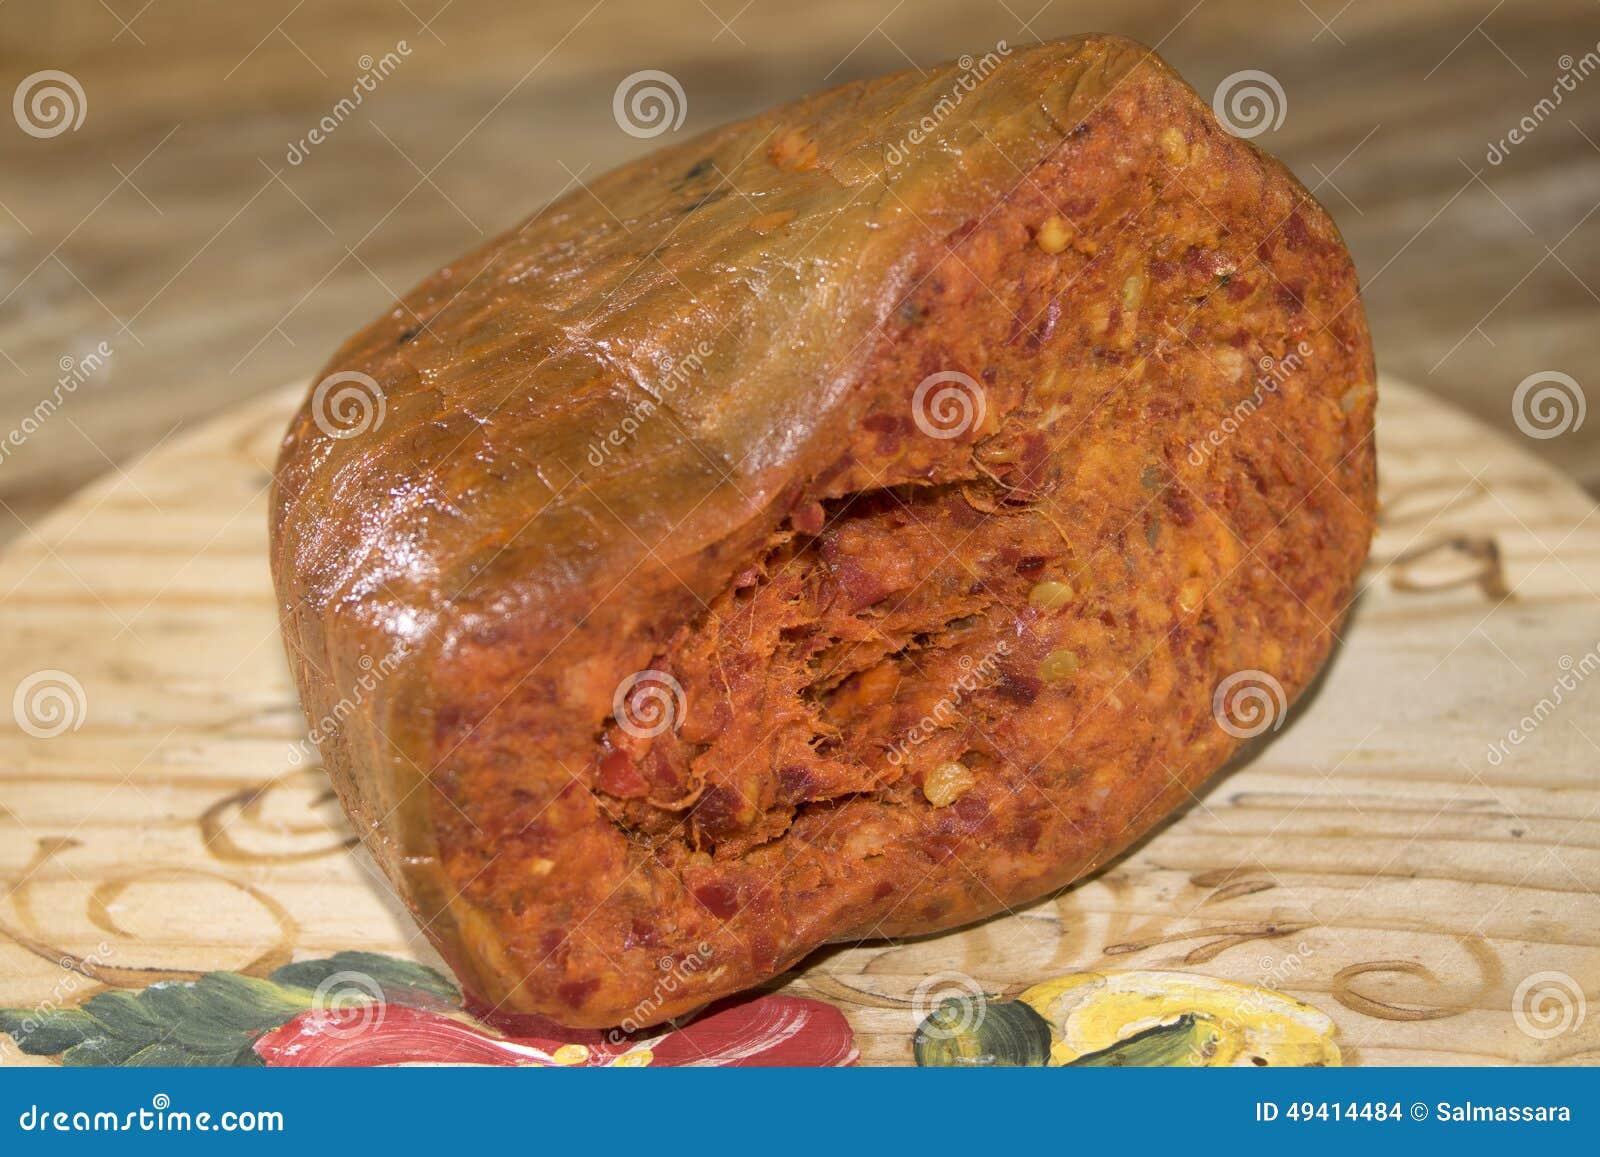 Download Nduja stockfoto. Bild von ungekocht, geschnitten, köstlich - 49414484